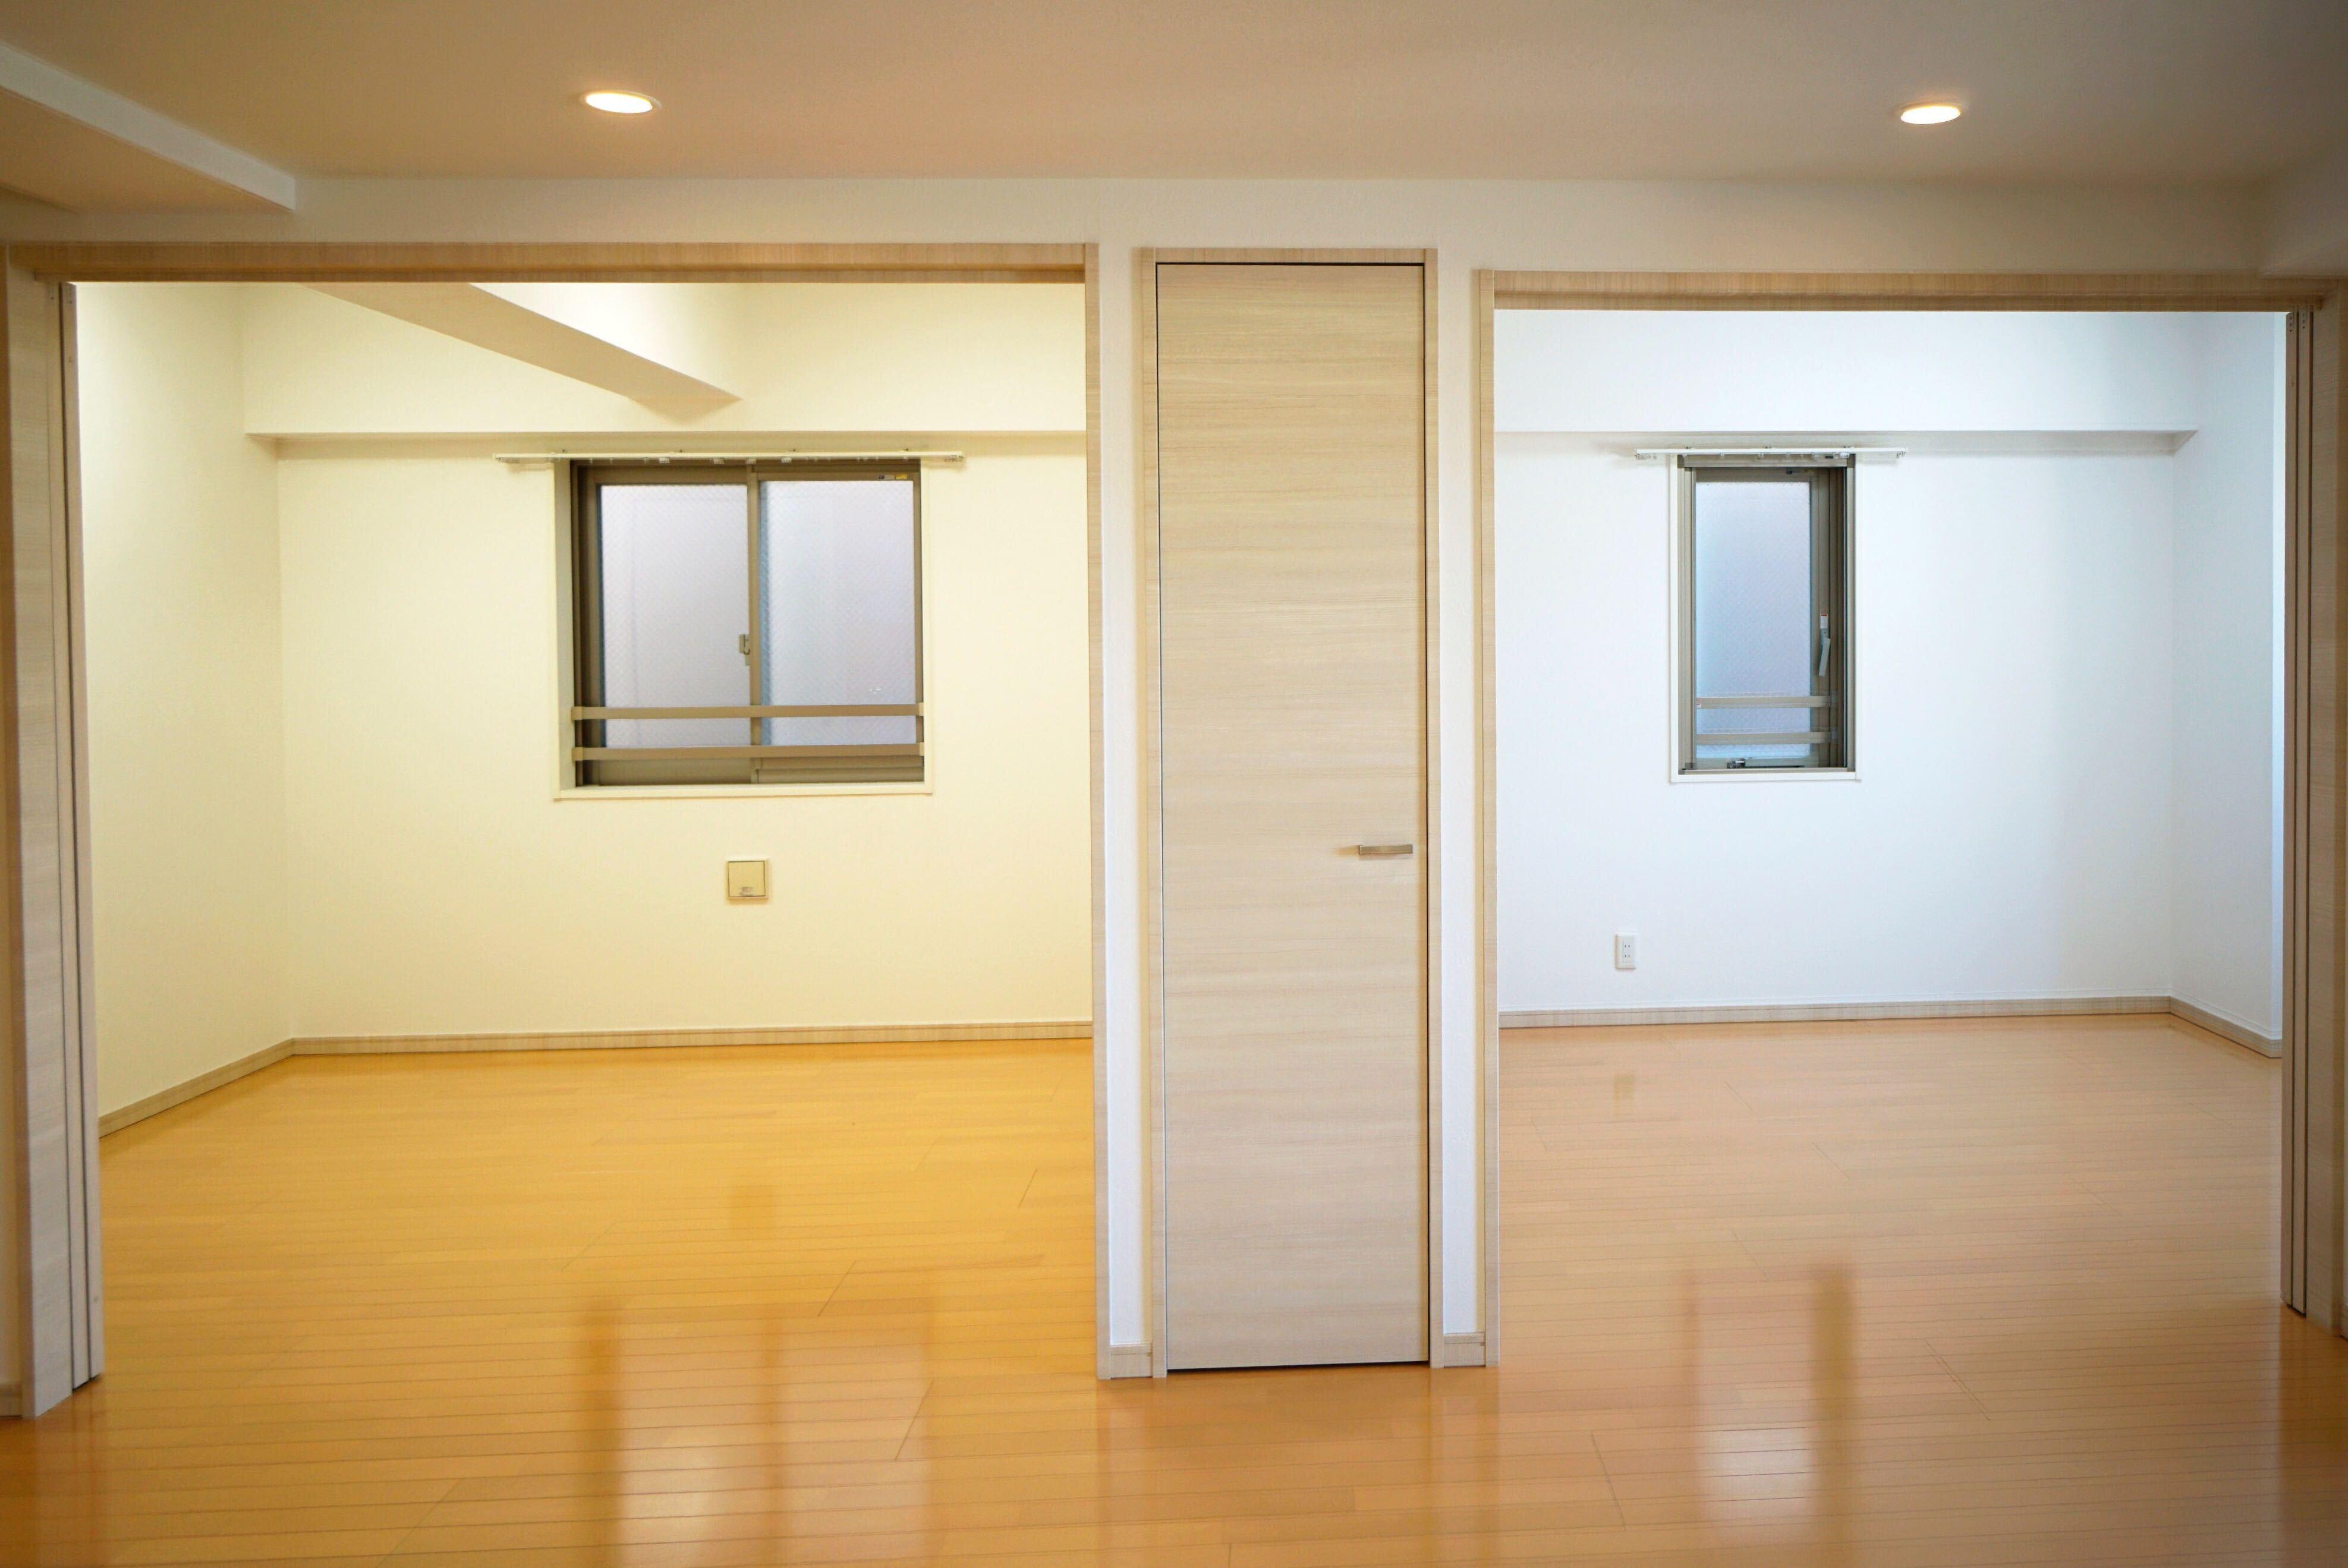 スライドウォールを開けるとリビングと一体化した広々とした空間 イメージ